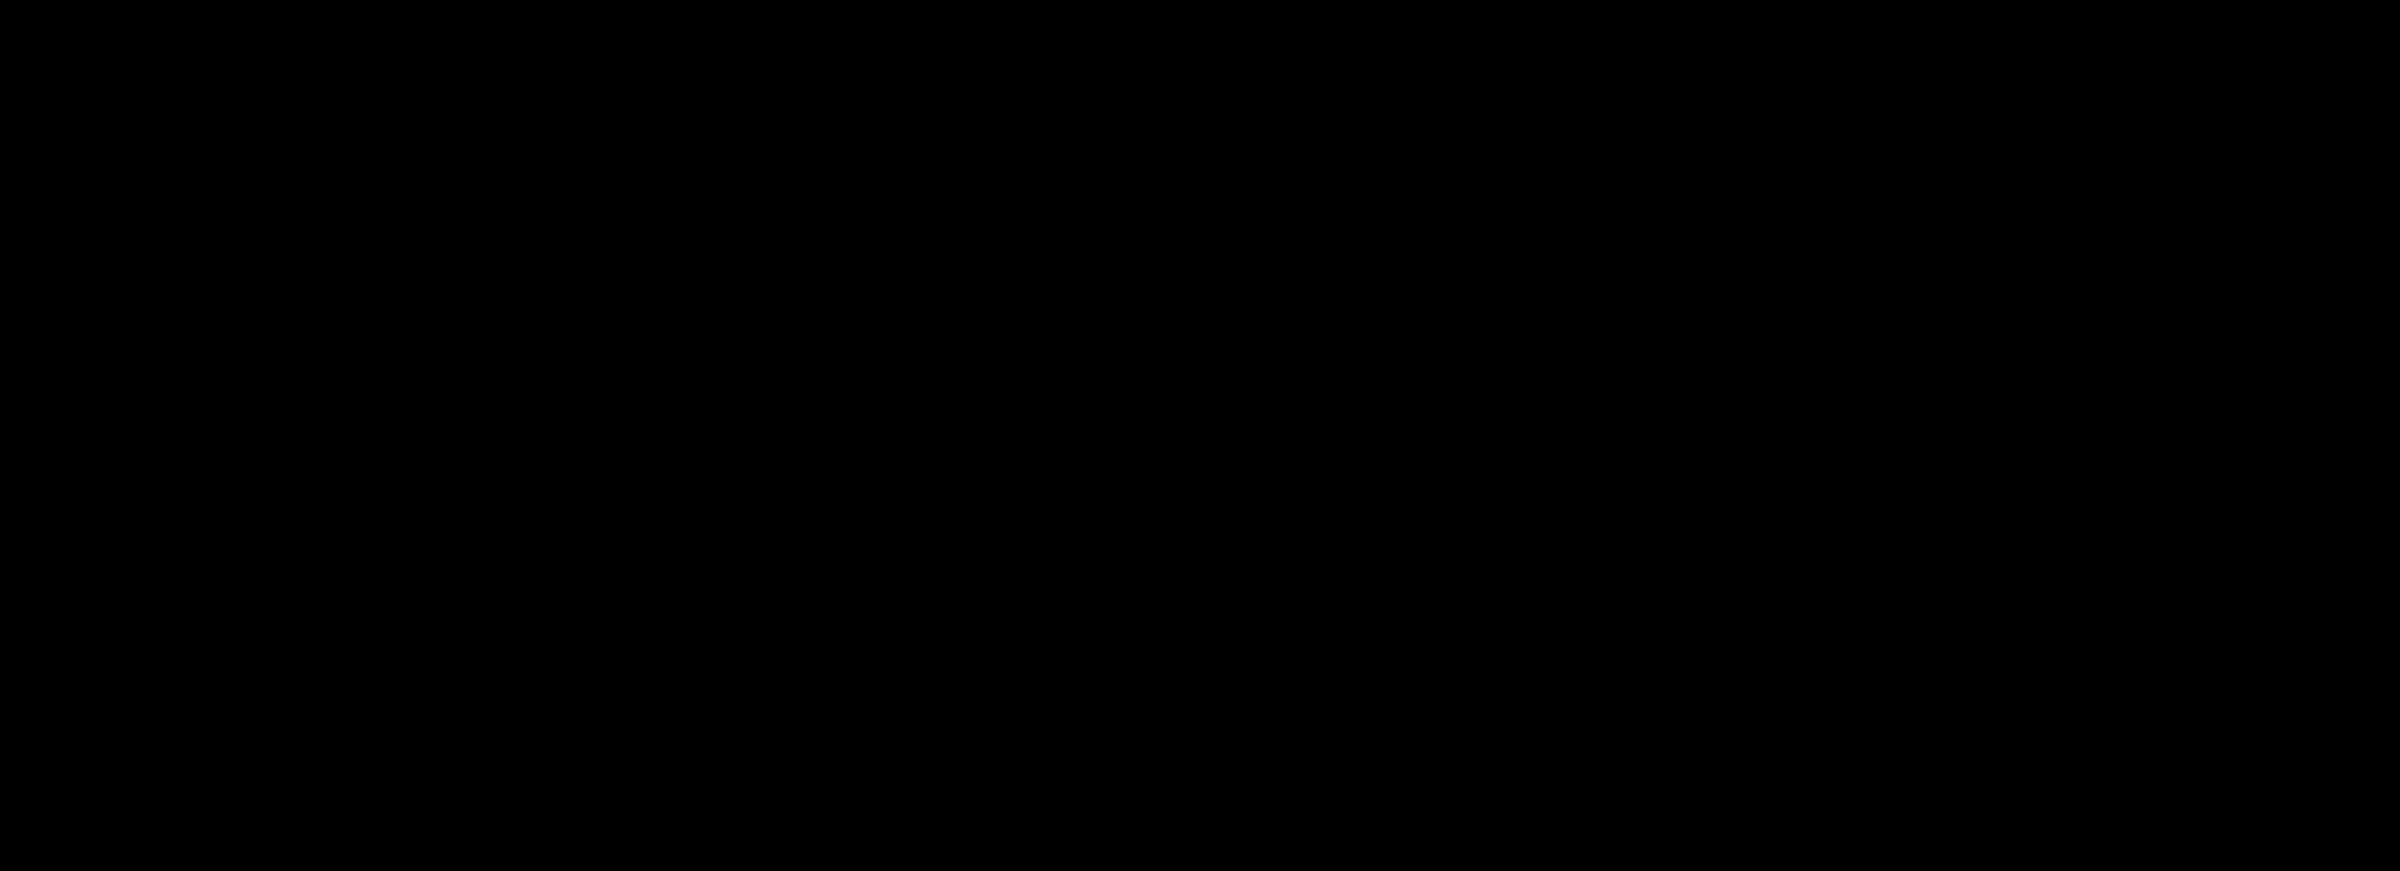 Mobil Logo PNG Transparent & SVG Vector - Freebie Supply